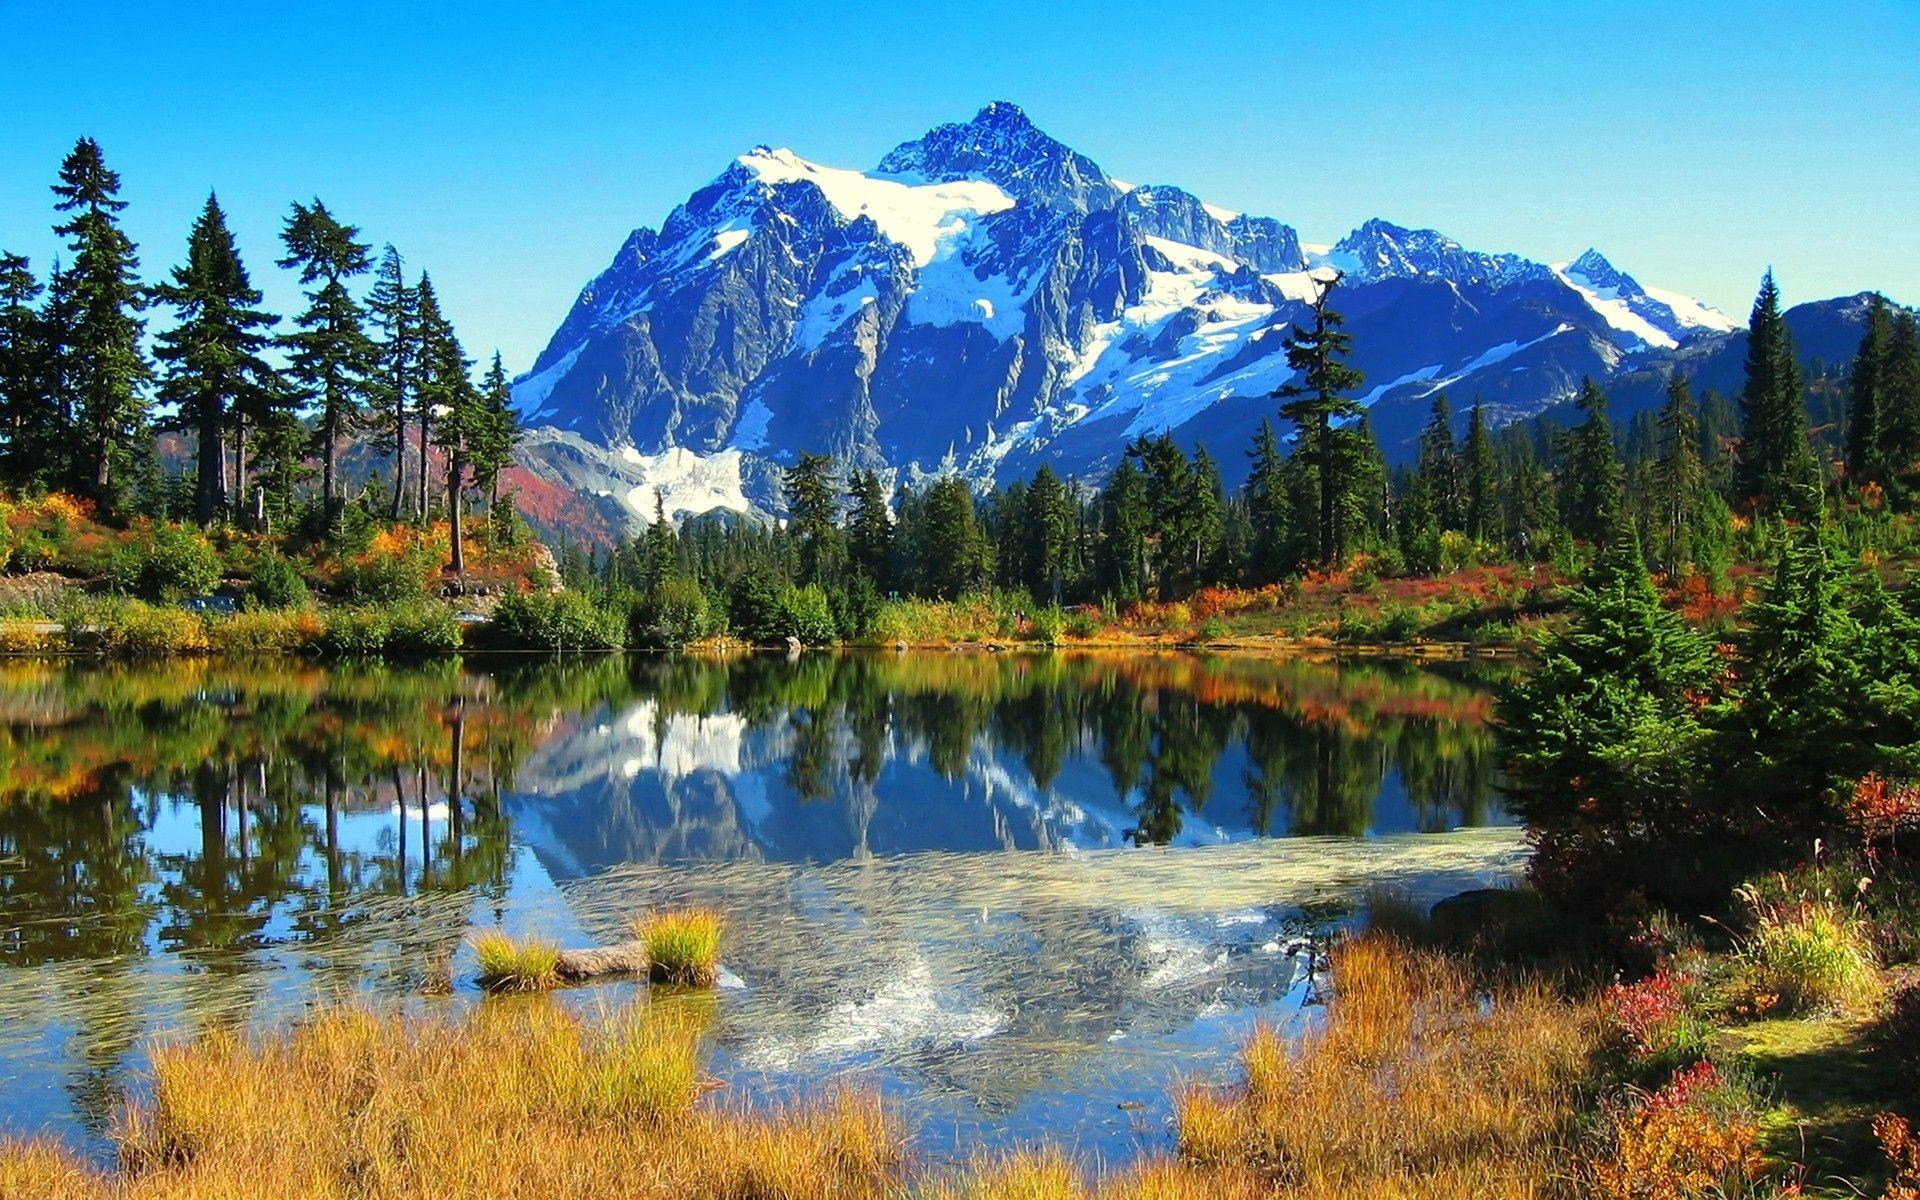 105743 économiseurs d'écran et fonds d'écran Montagnes sur votre téléphone. Téléchargez Montagnes, Lac, Nature, Arbres, Automne, Vase, Tina images gratuitement